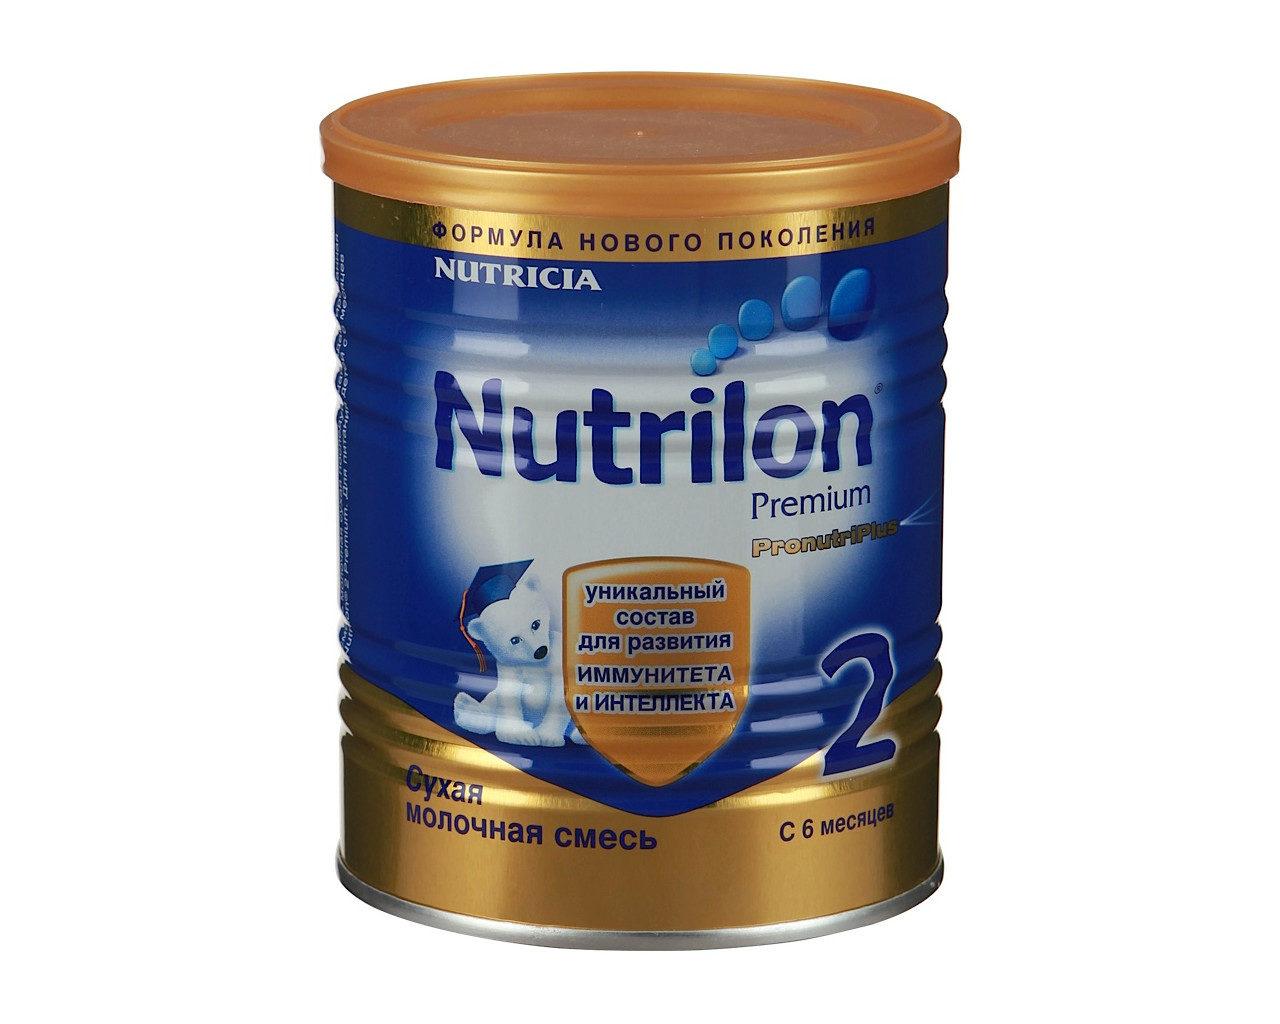 Нутрилон пепти гастро и пепти аллергия отличия - аллергиинет